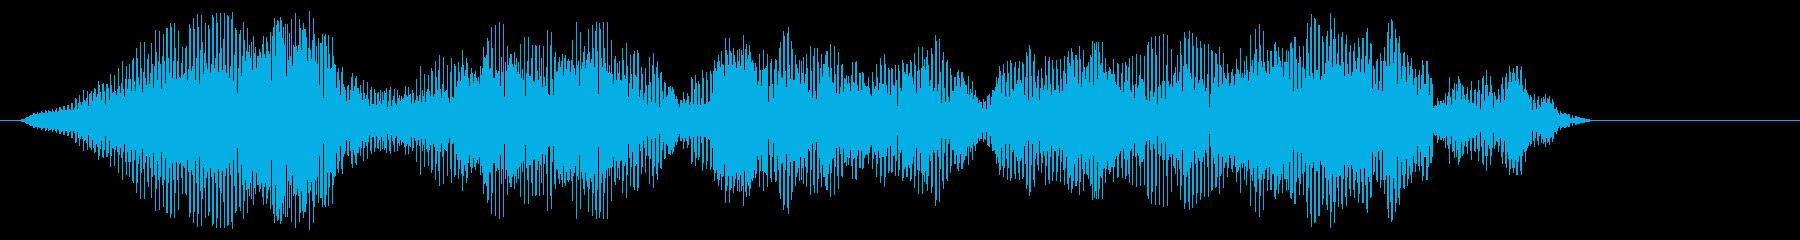 イヤイヤ(甲高い電子音の効果音)の再生済みの波形